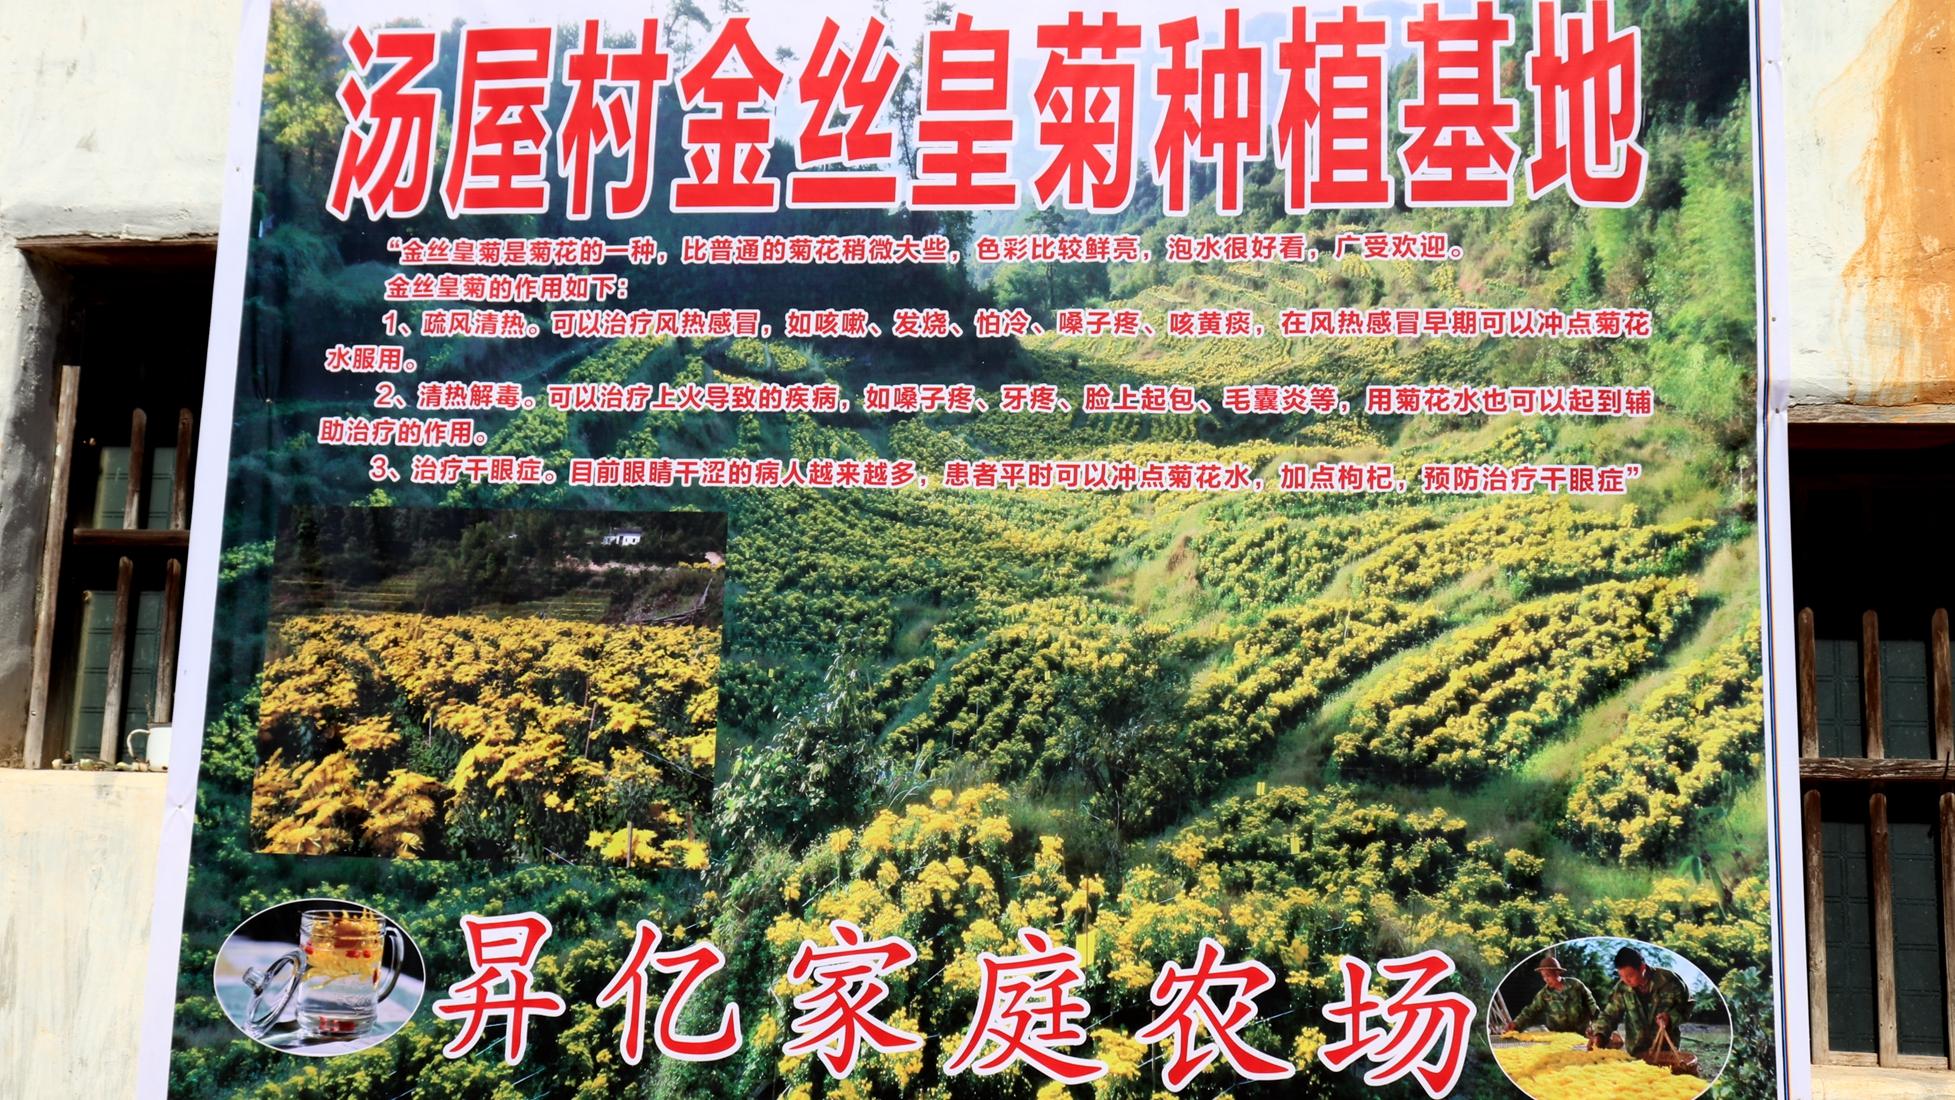 长汀四都镇:返乡大学生带领乡邻种菊花喜获丰收